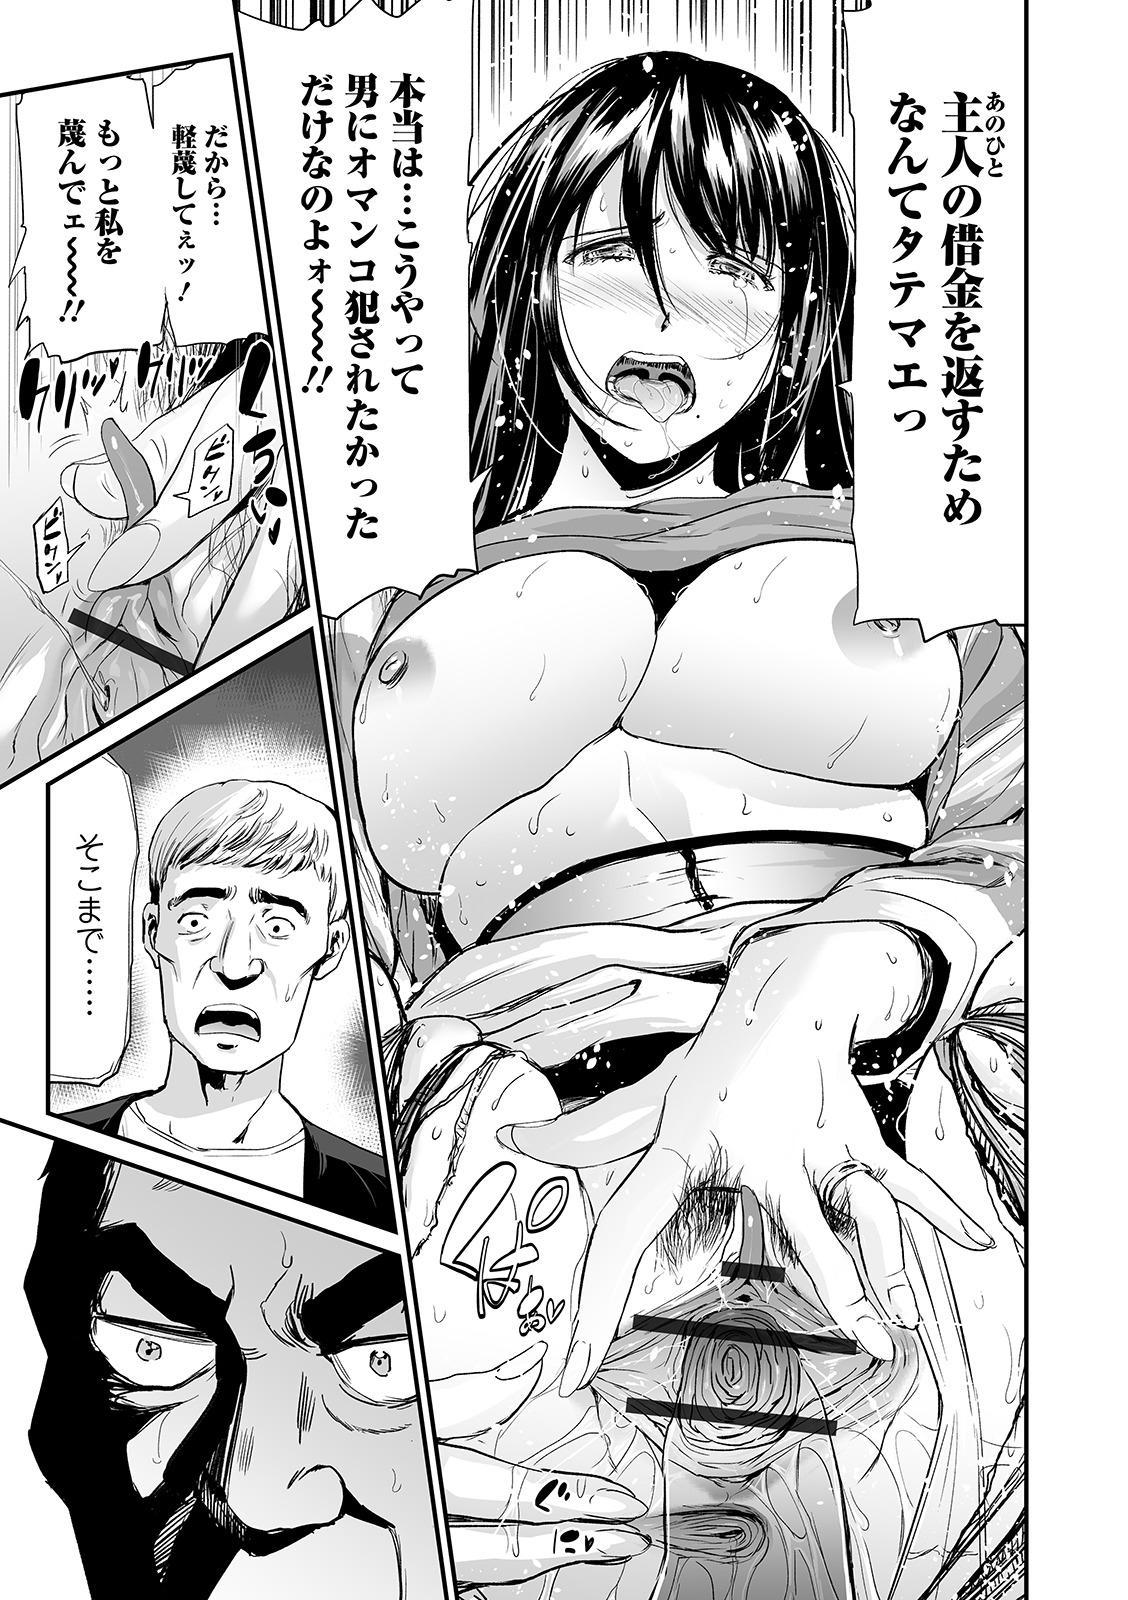 Web Comic Toutetsu Vol. 40 46